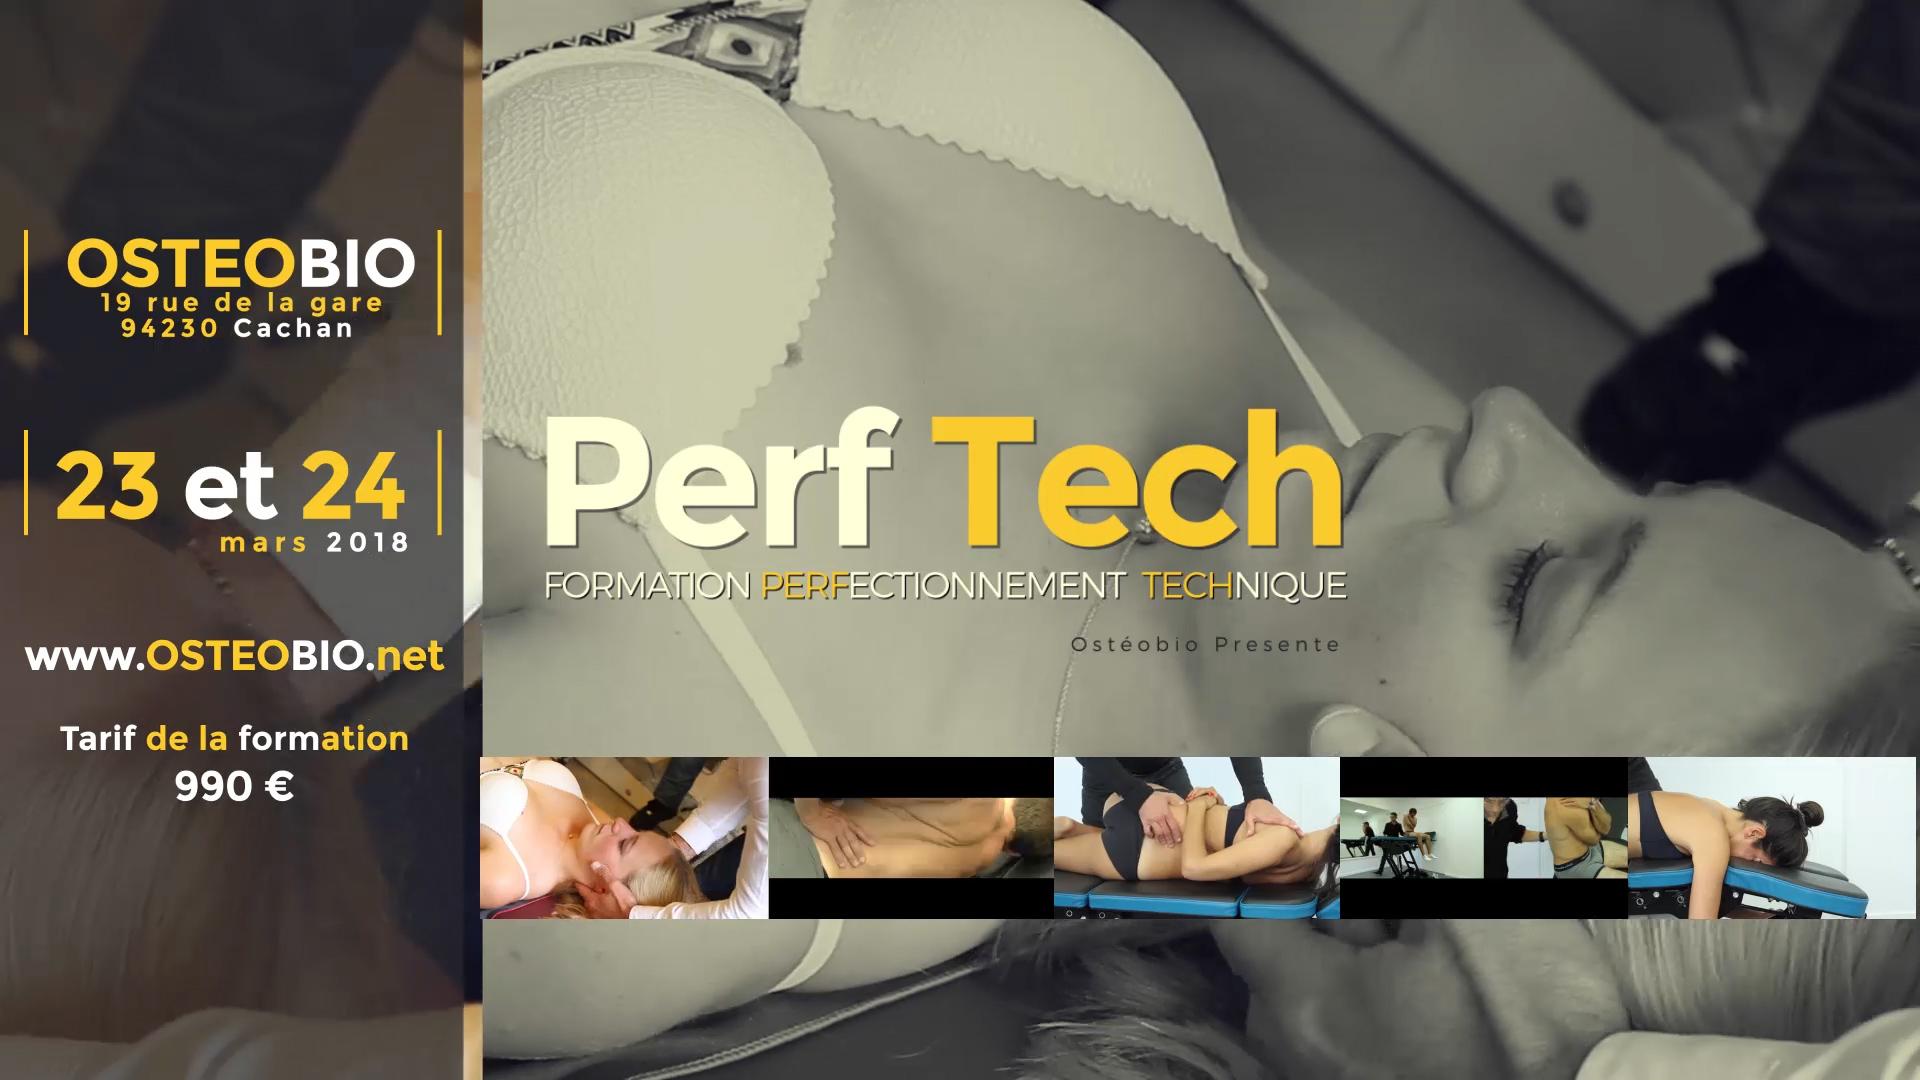 Perfectionnement Technique – Perf Tech 2018 – OSTEOBIO